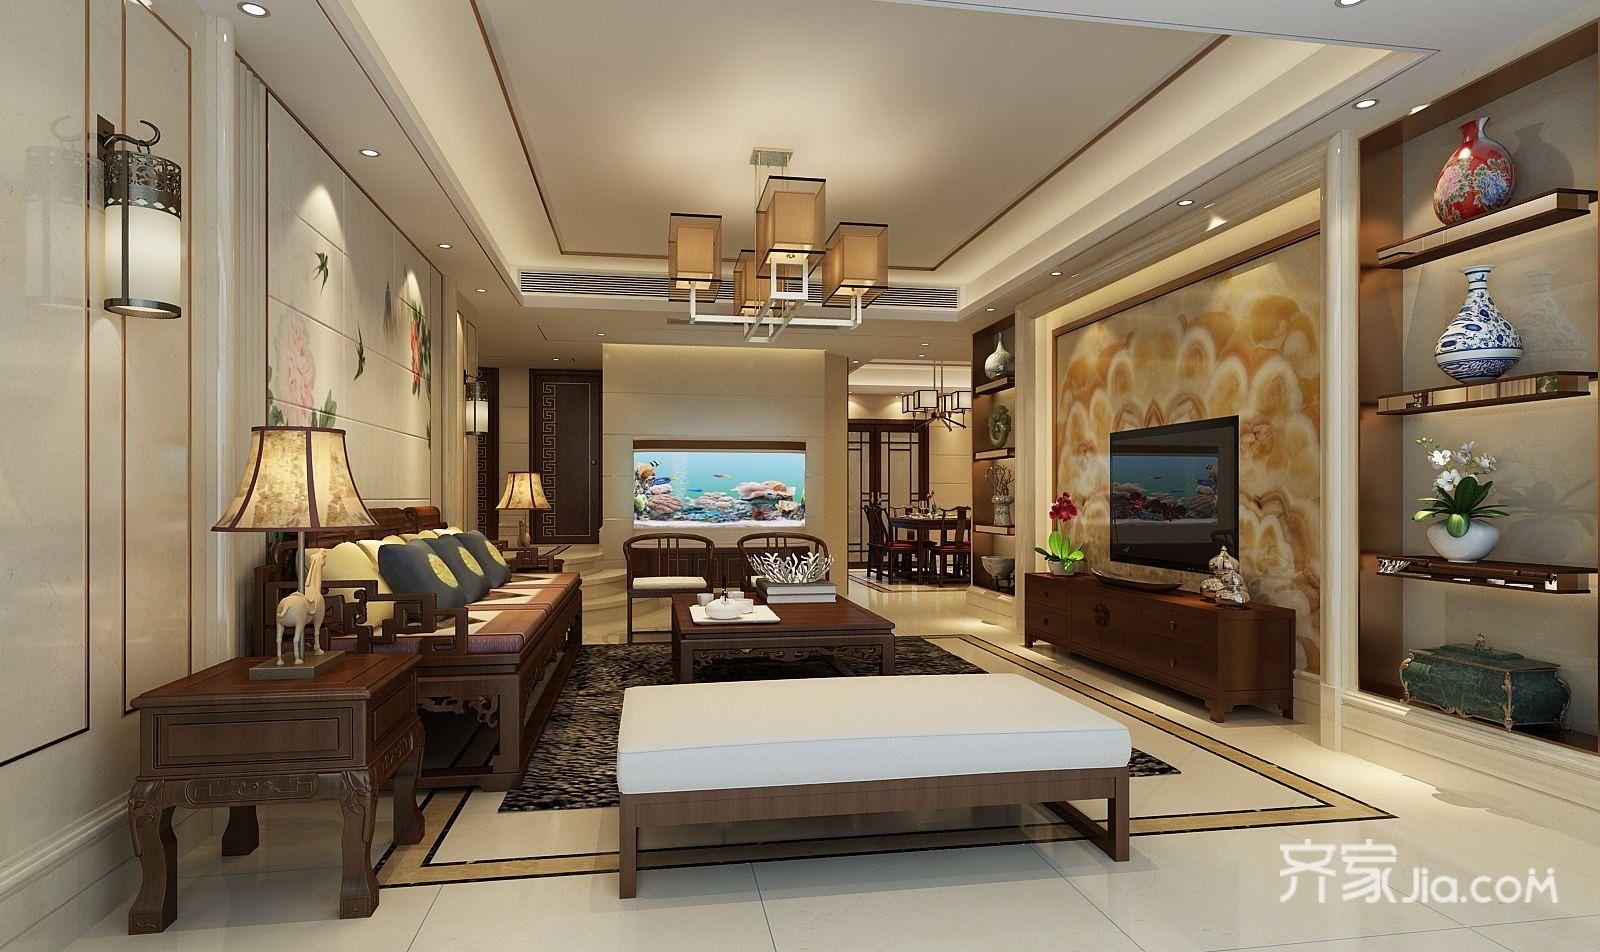 140平米中式风三居客厅装修效果图